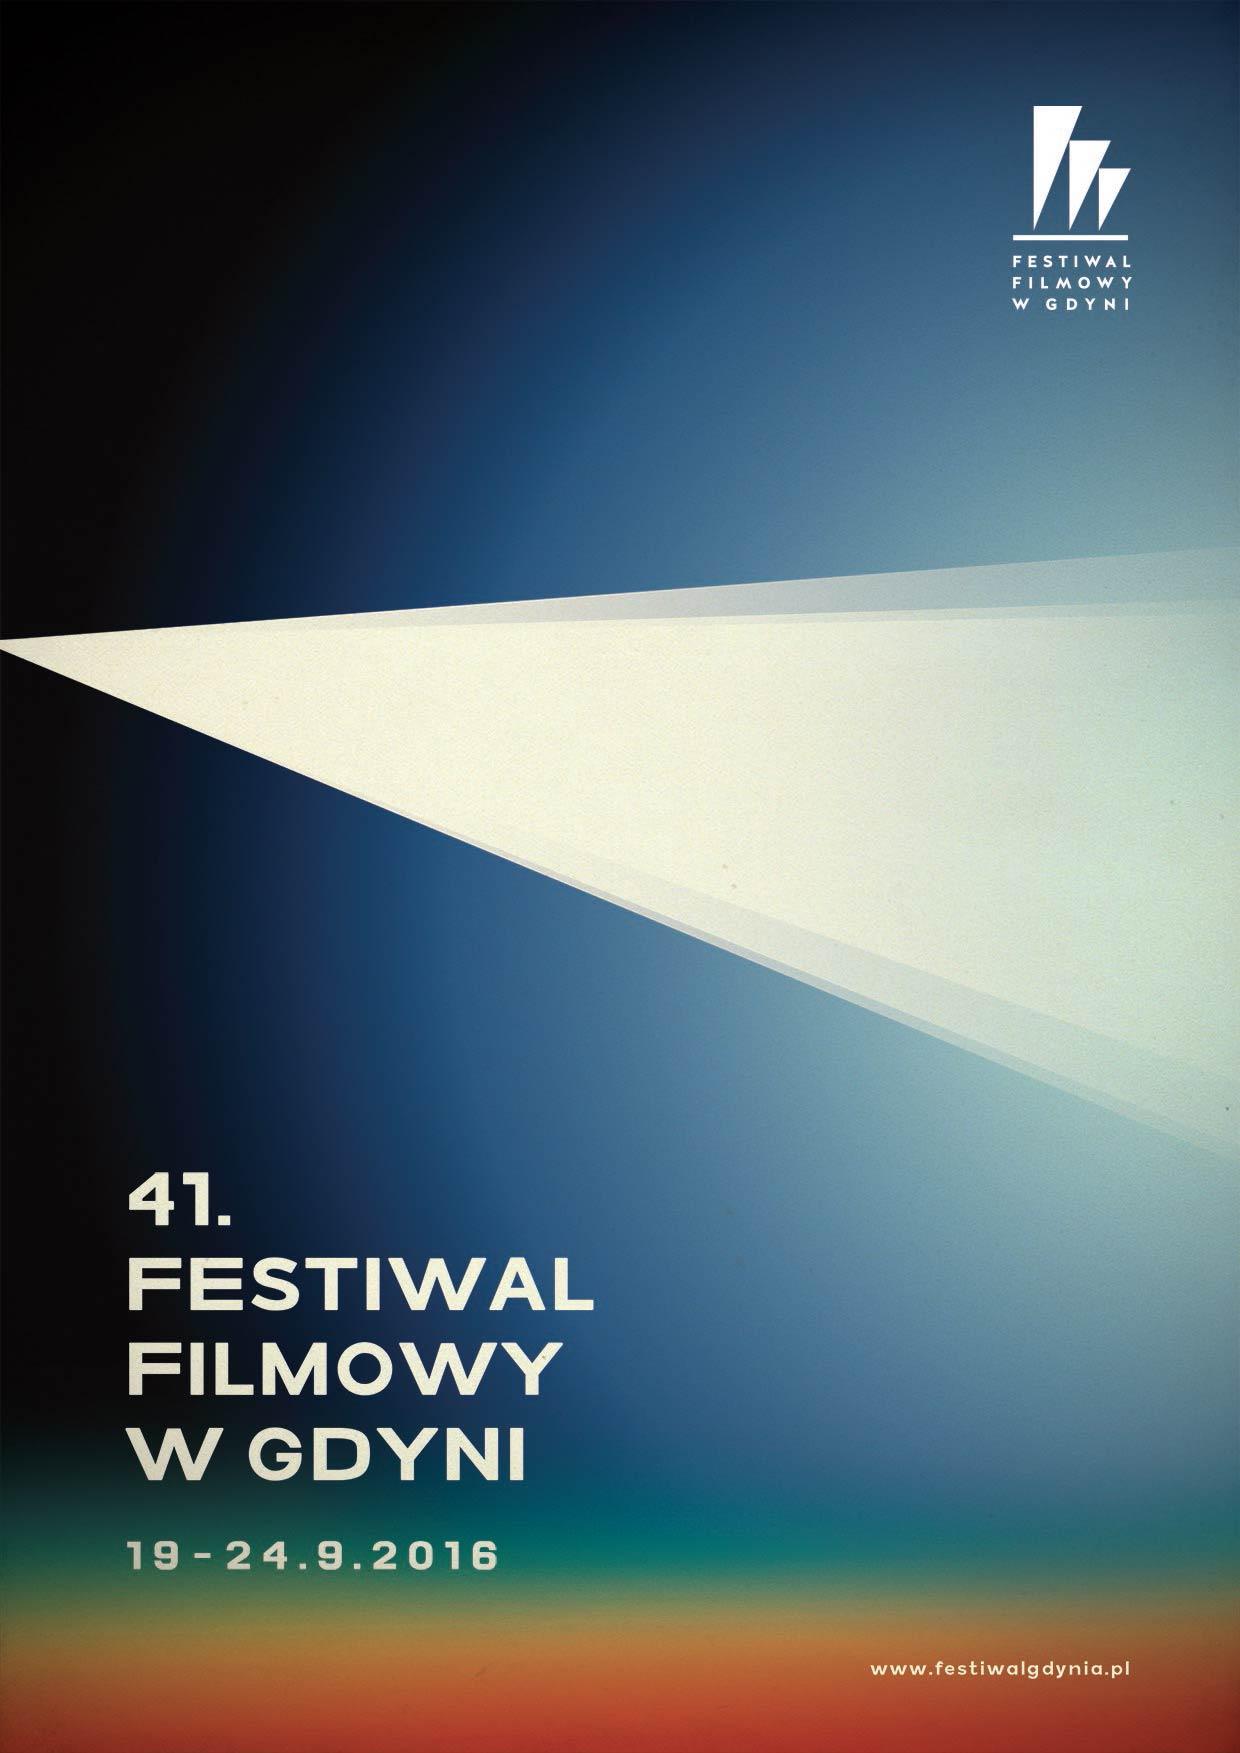 41. Festiwal Filmowy w Gdyni